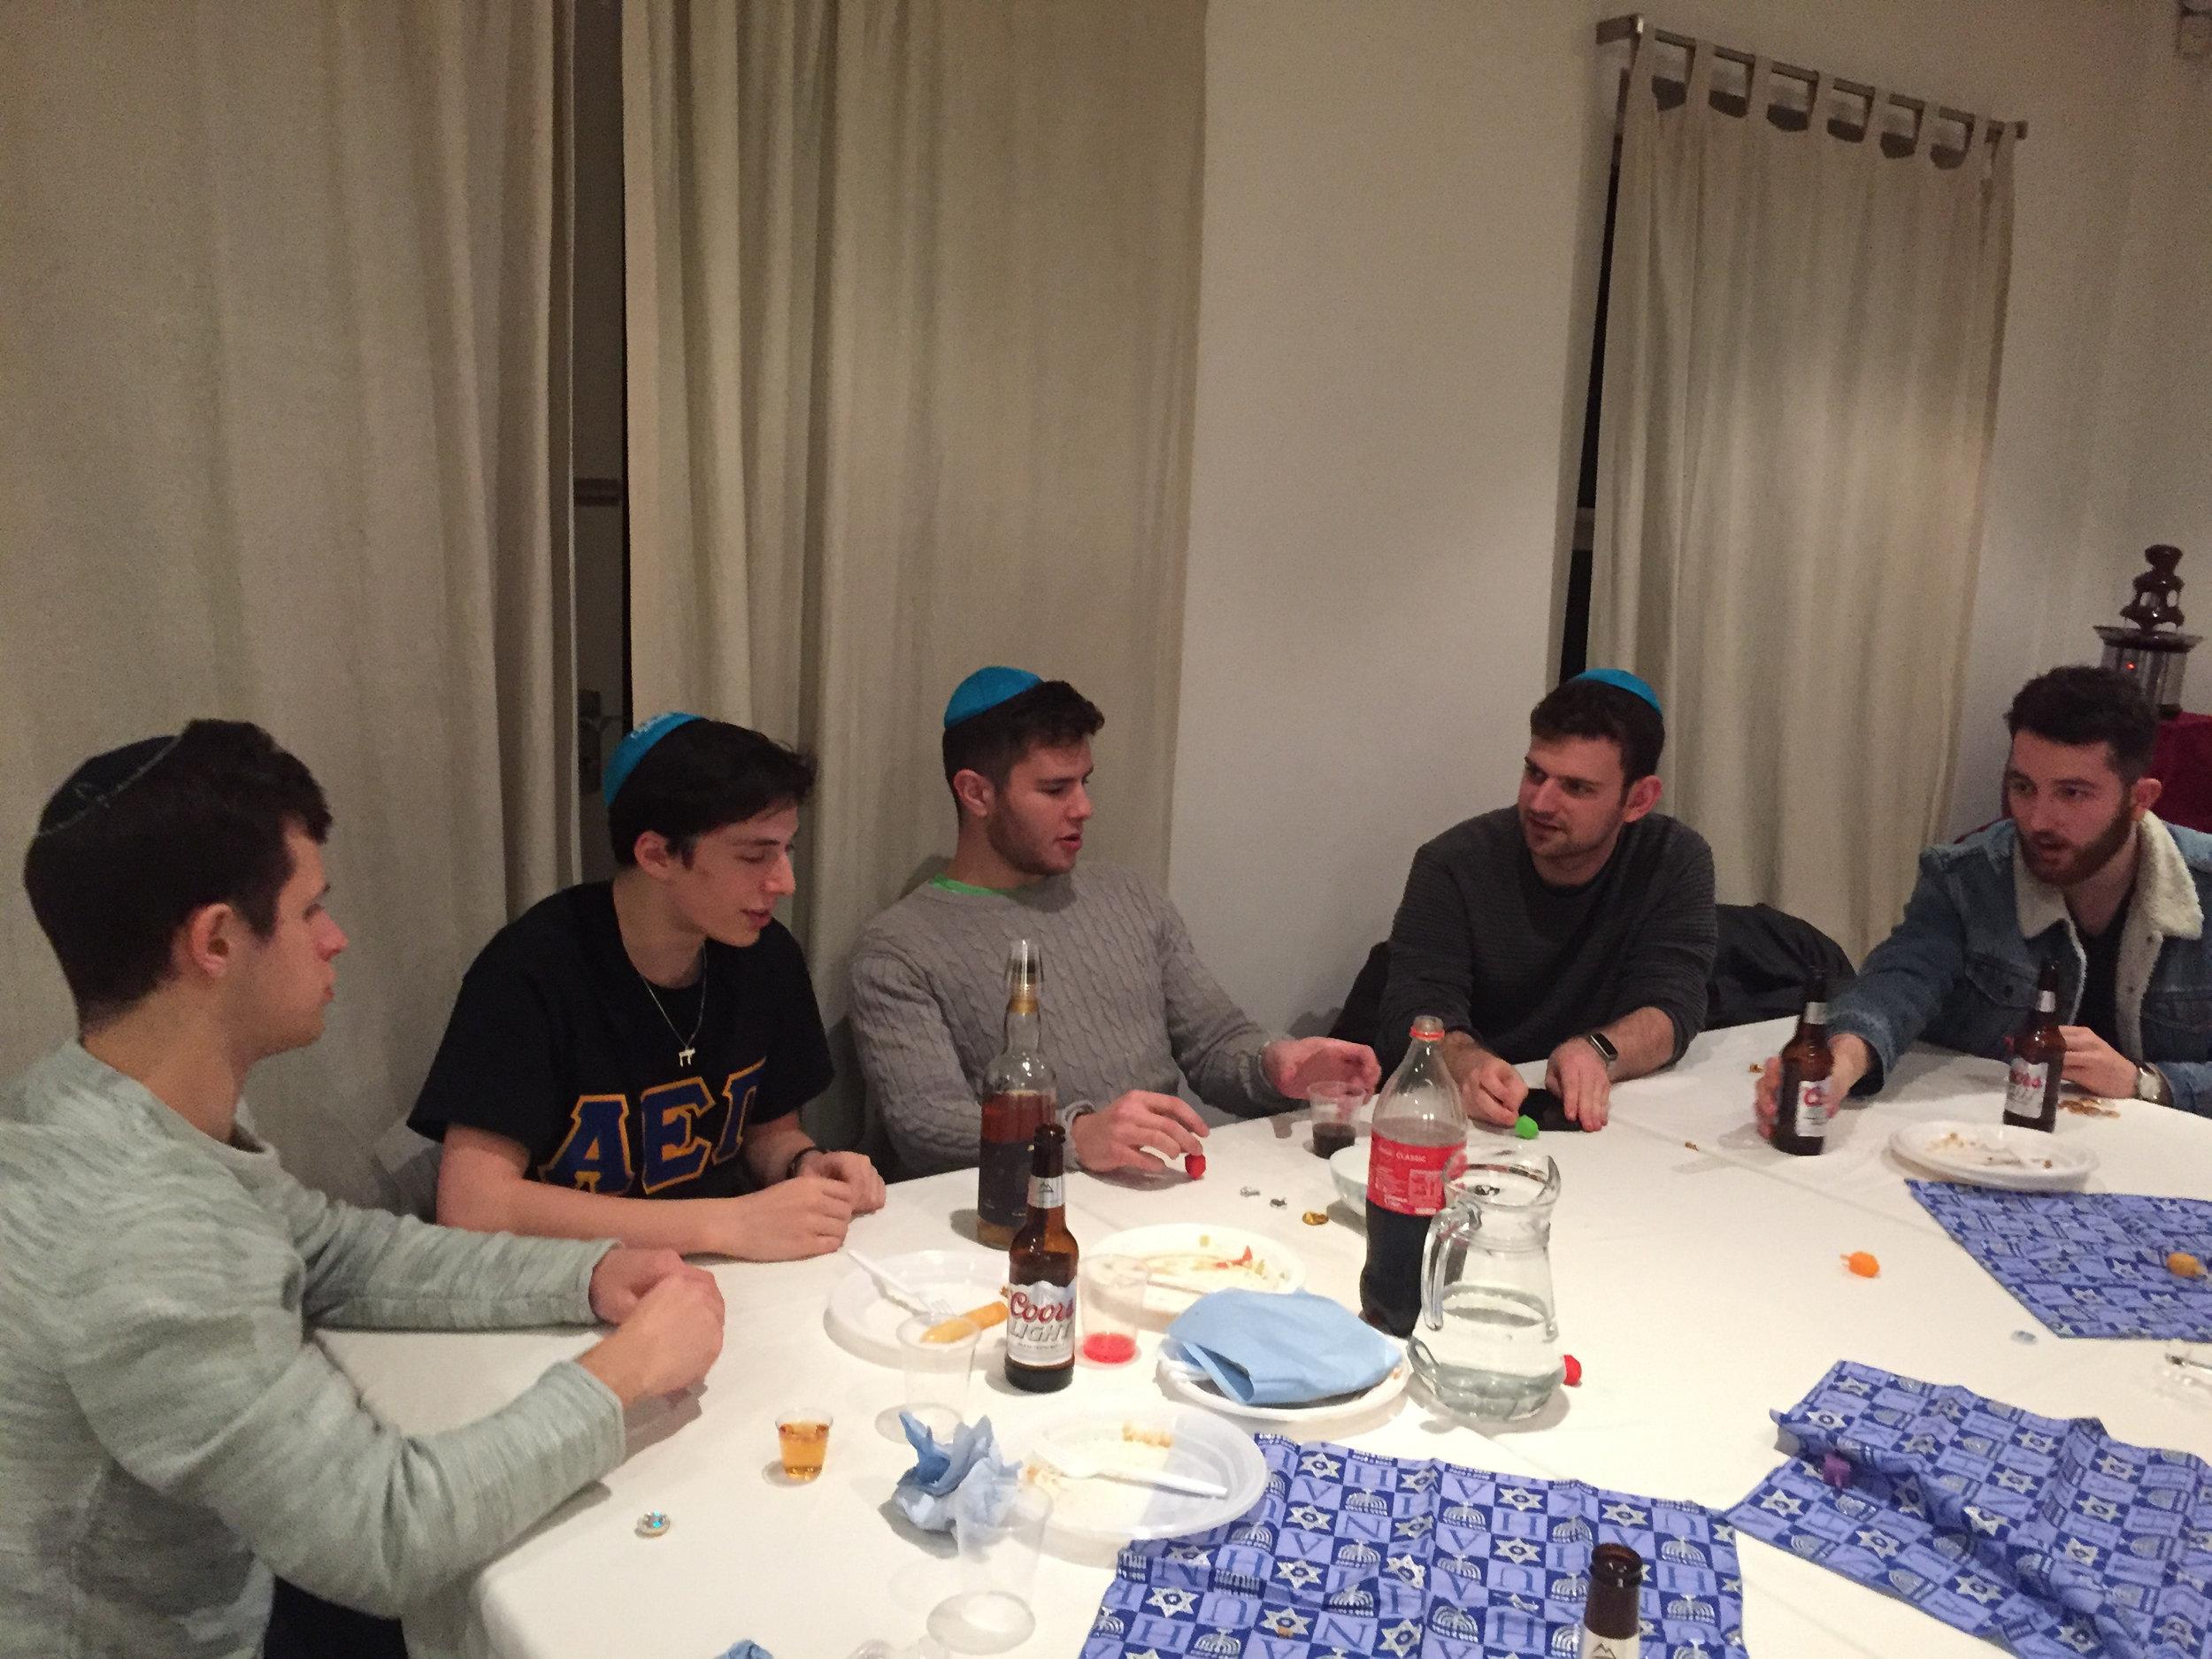 AEPI/Chabad Chanukah Party